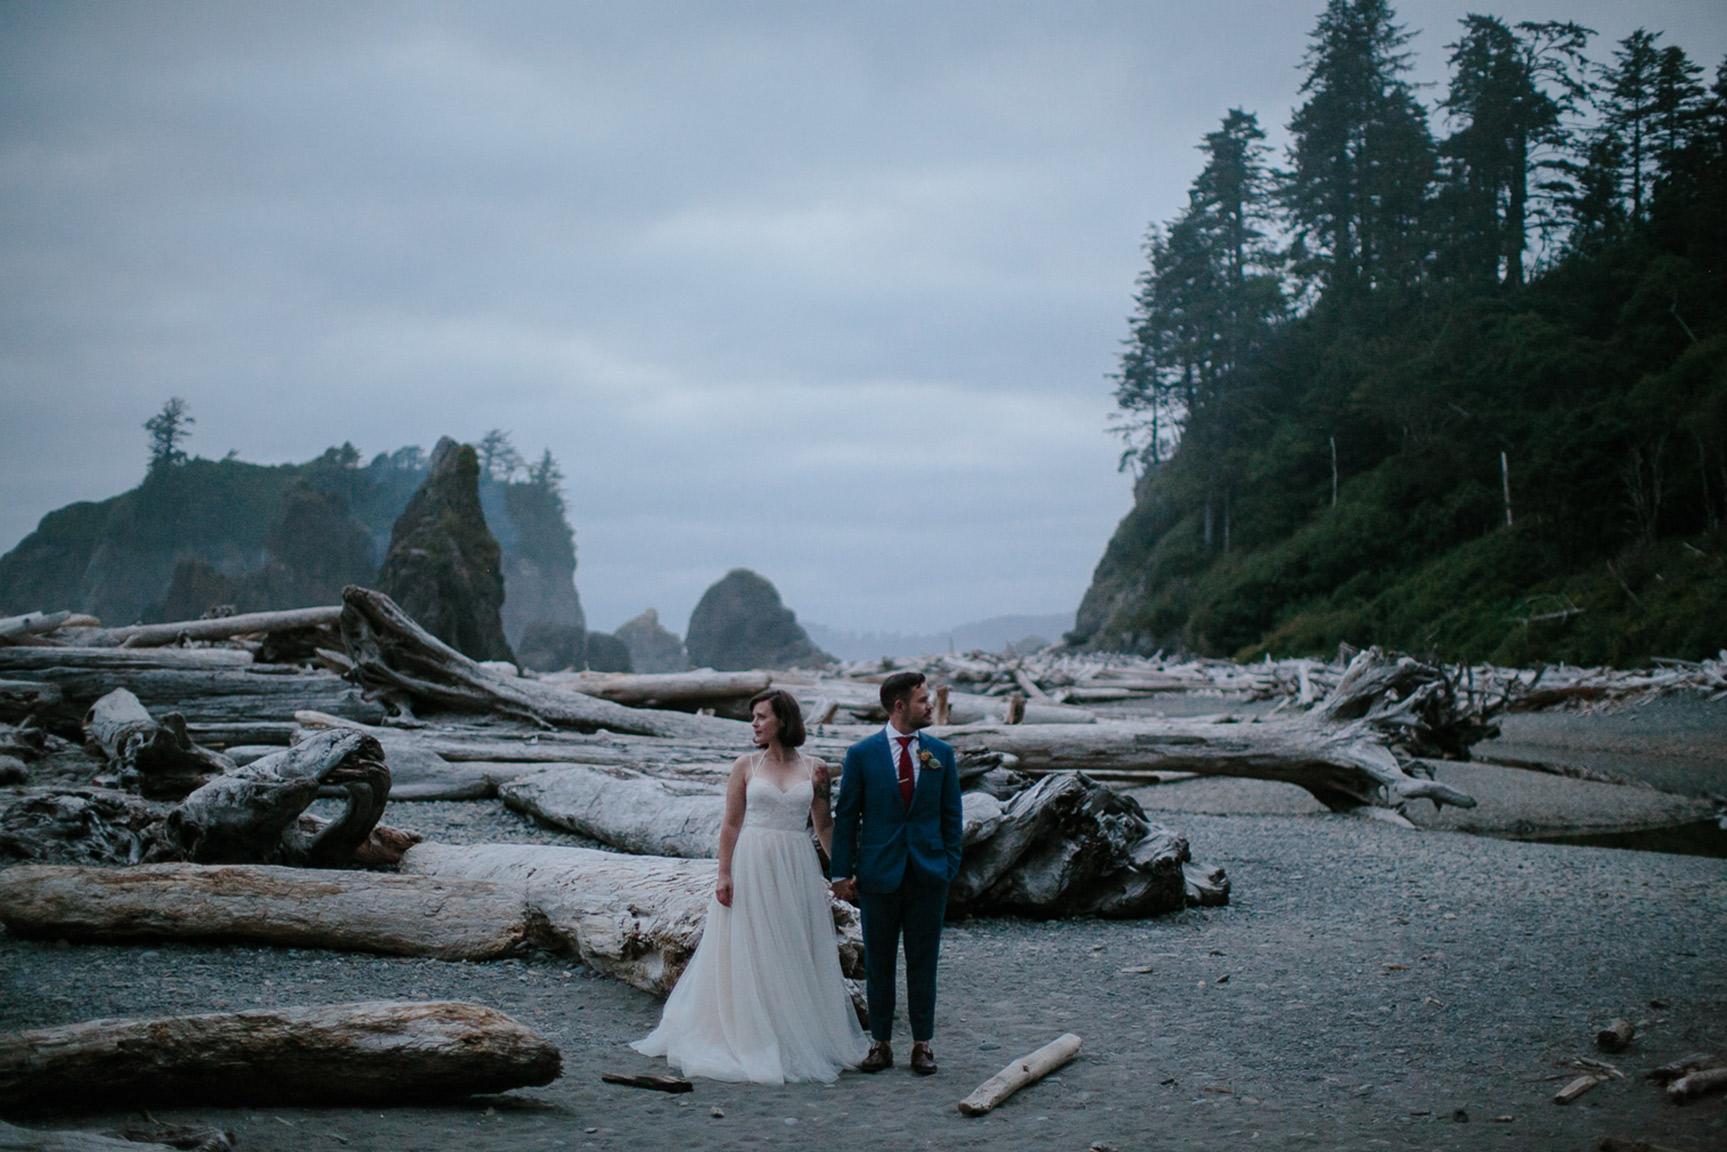 Washington_WeddingPhotographer_047.jpg